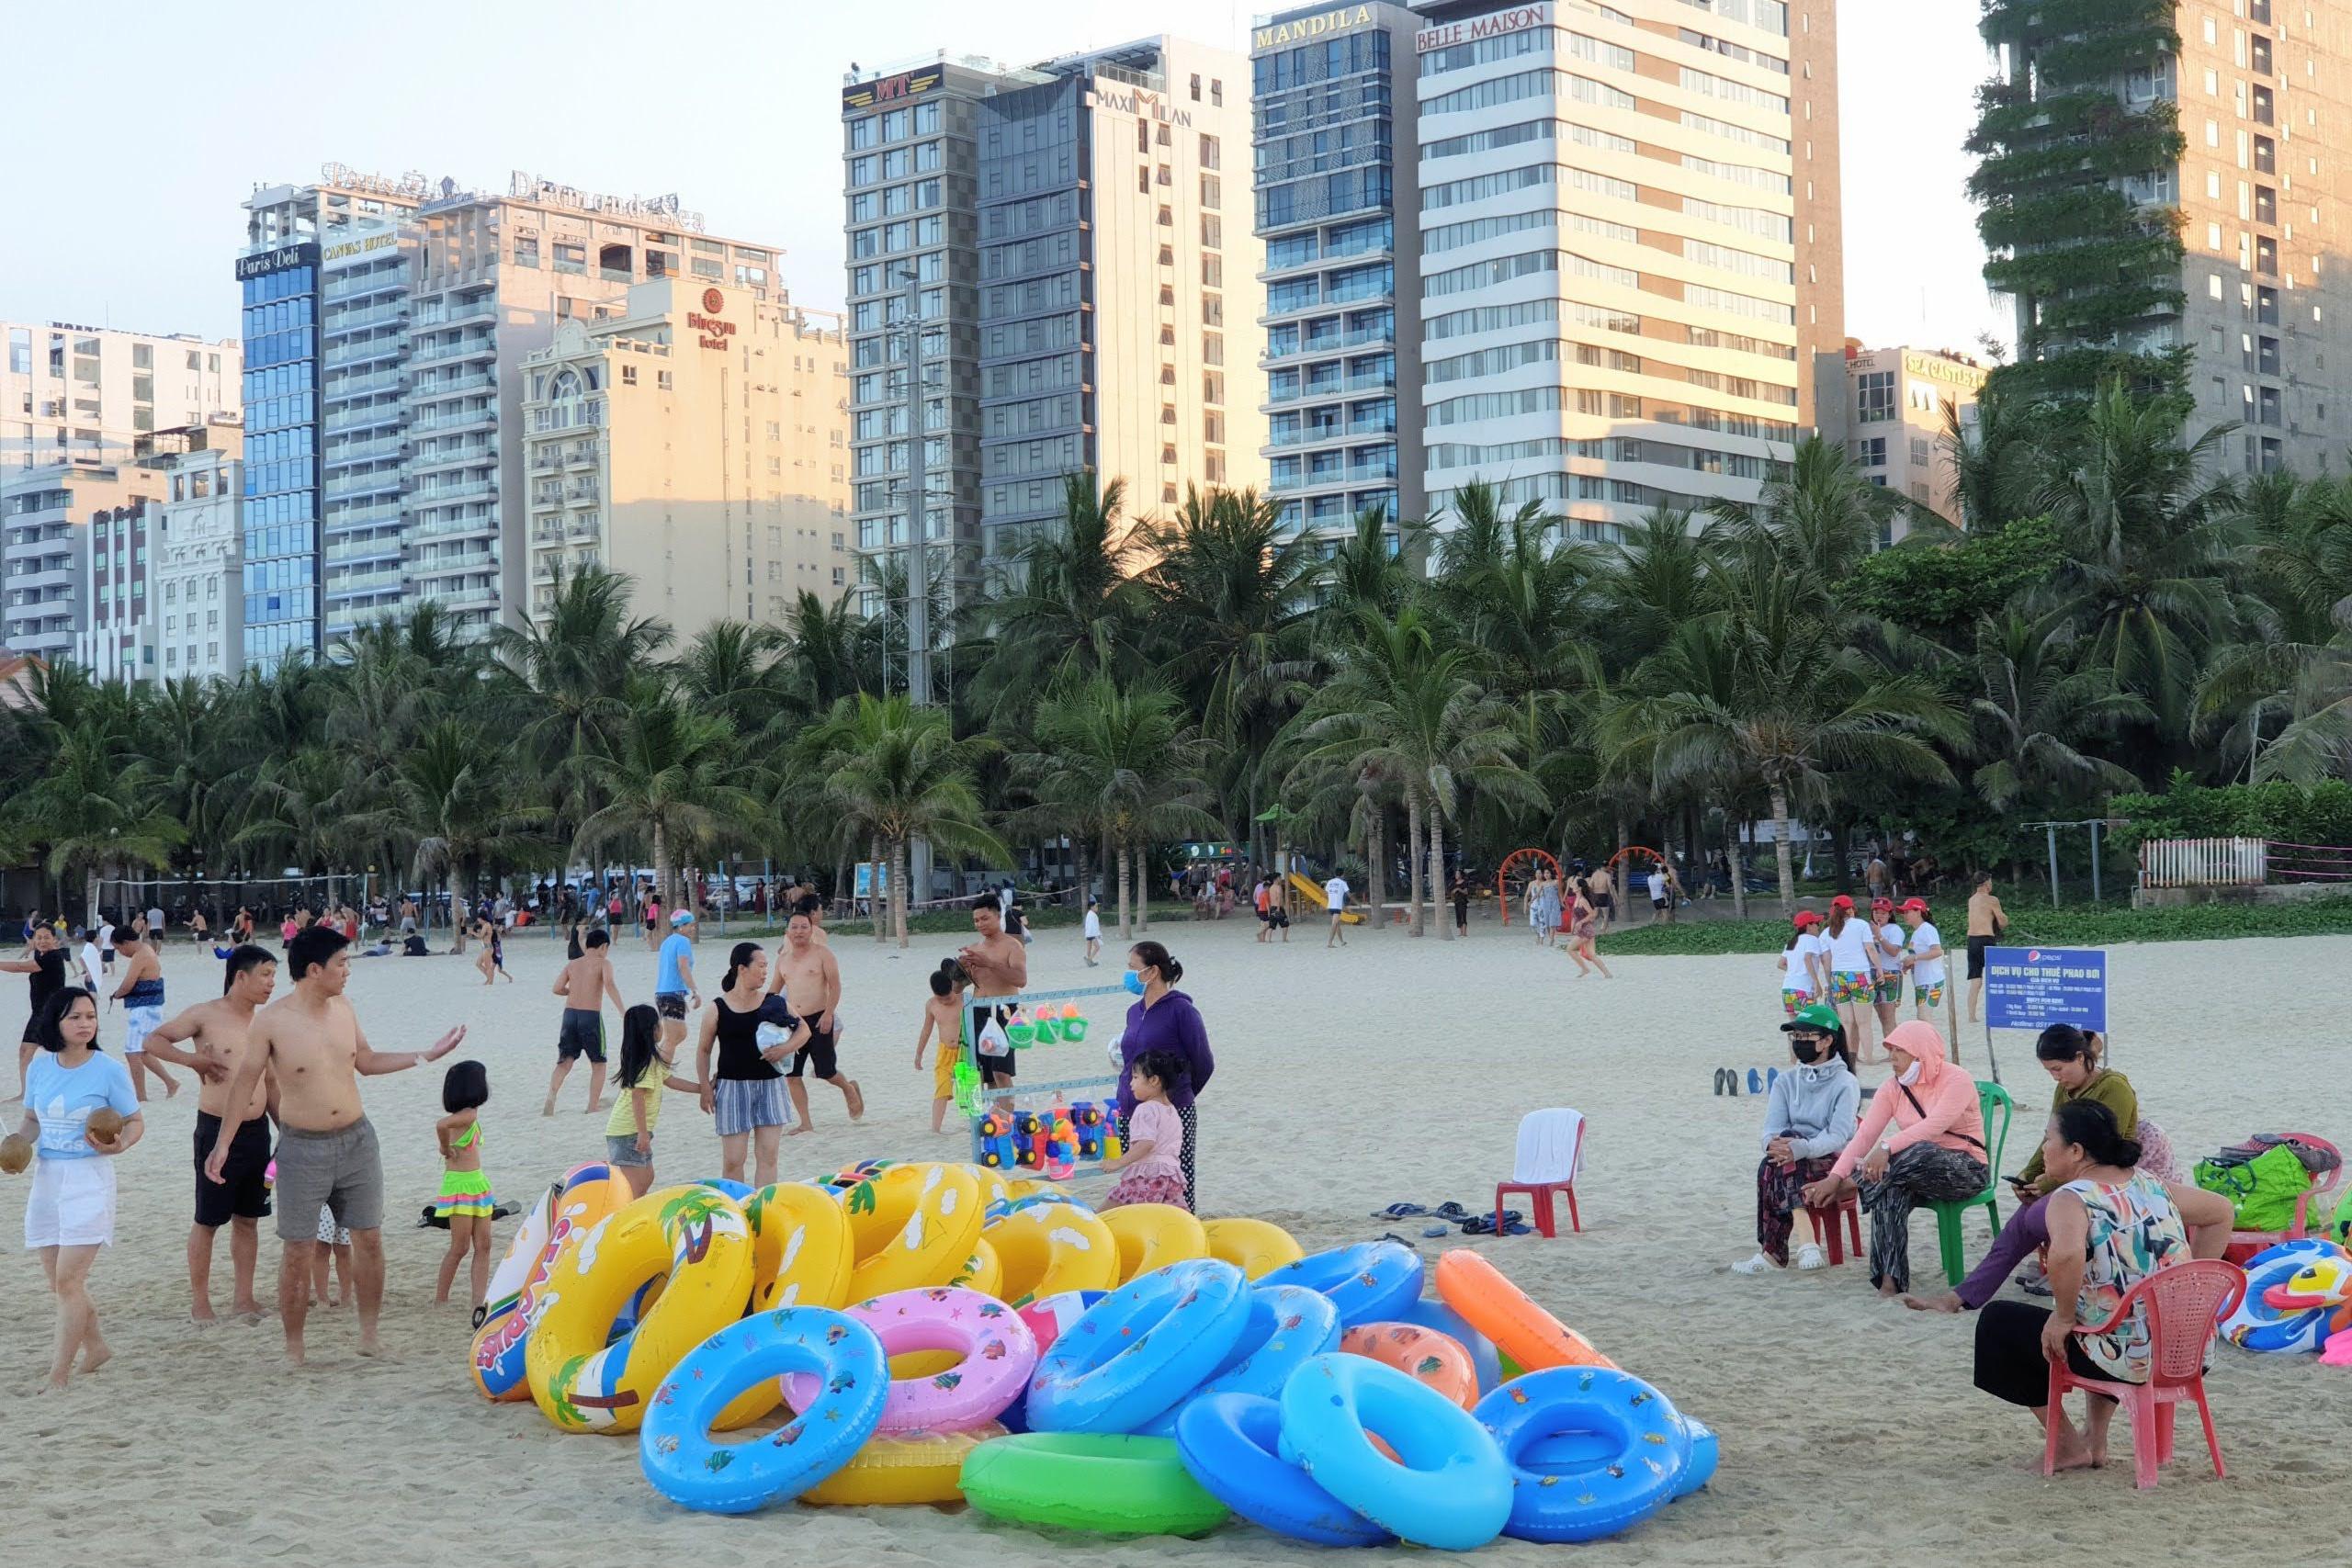 Đà Nẵng tạm dừng tổ chức đón khách du lịch trong 14 ngày